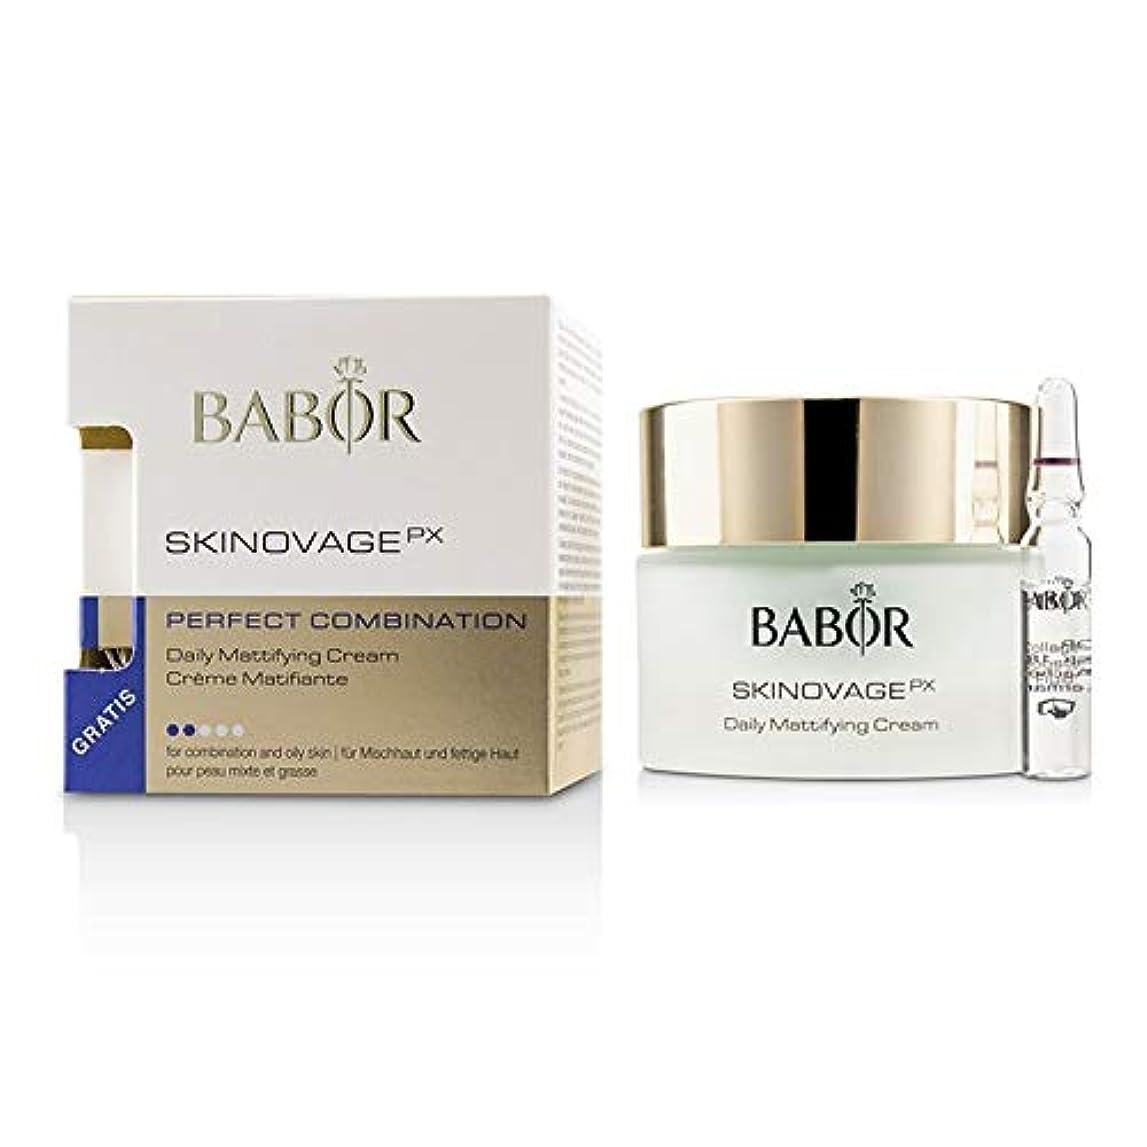 みがきます装備するブリードバボール Skinovage PX Perfect Combination Daily Mattifying Cream (with Free Collagen Booster Fluid 2ml) - For Combination...